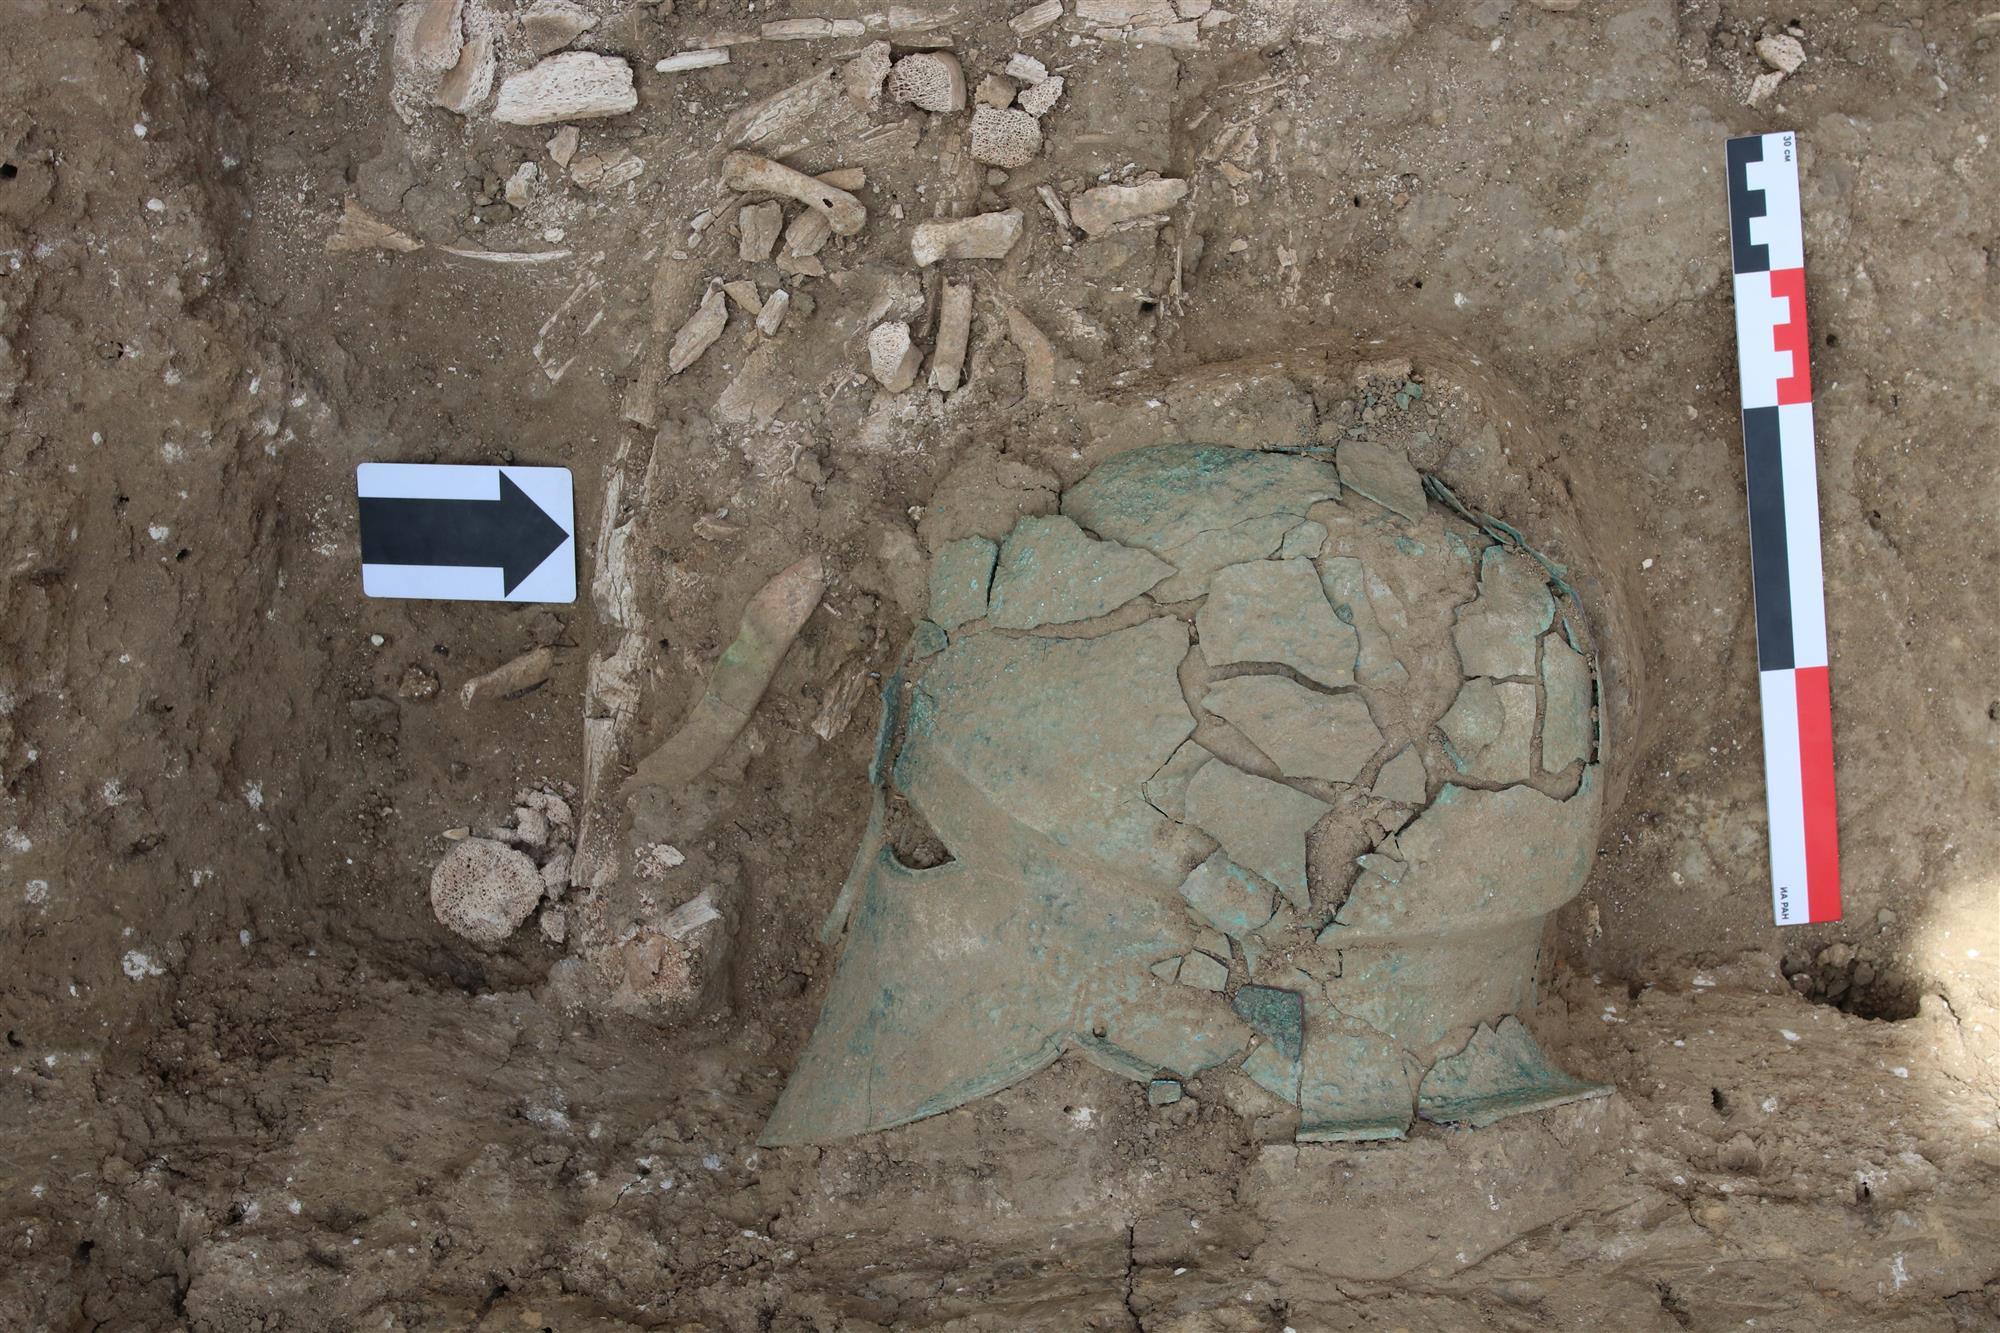 Hallado un casco corintio del siglo V a.C. en el suroeste de Rusia